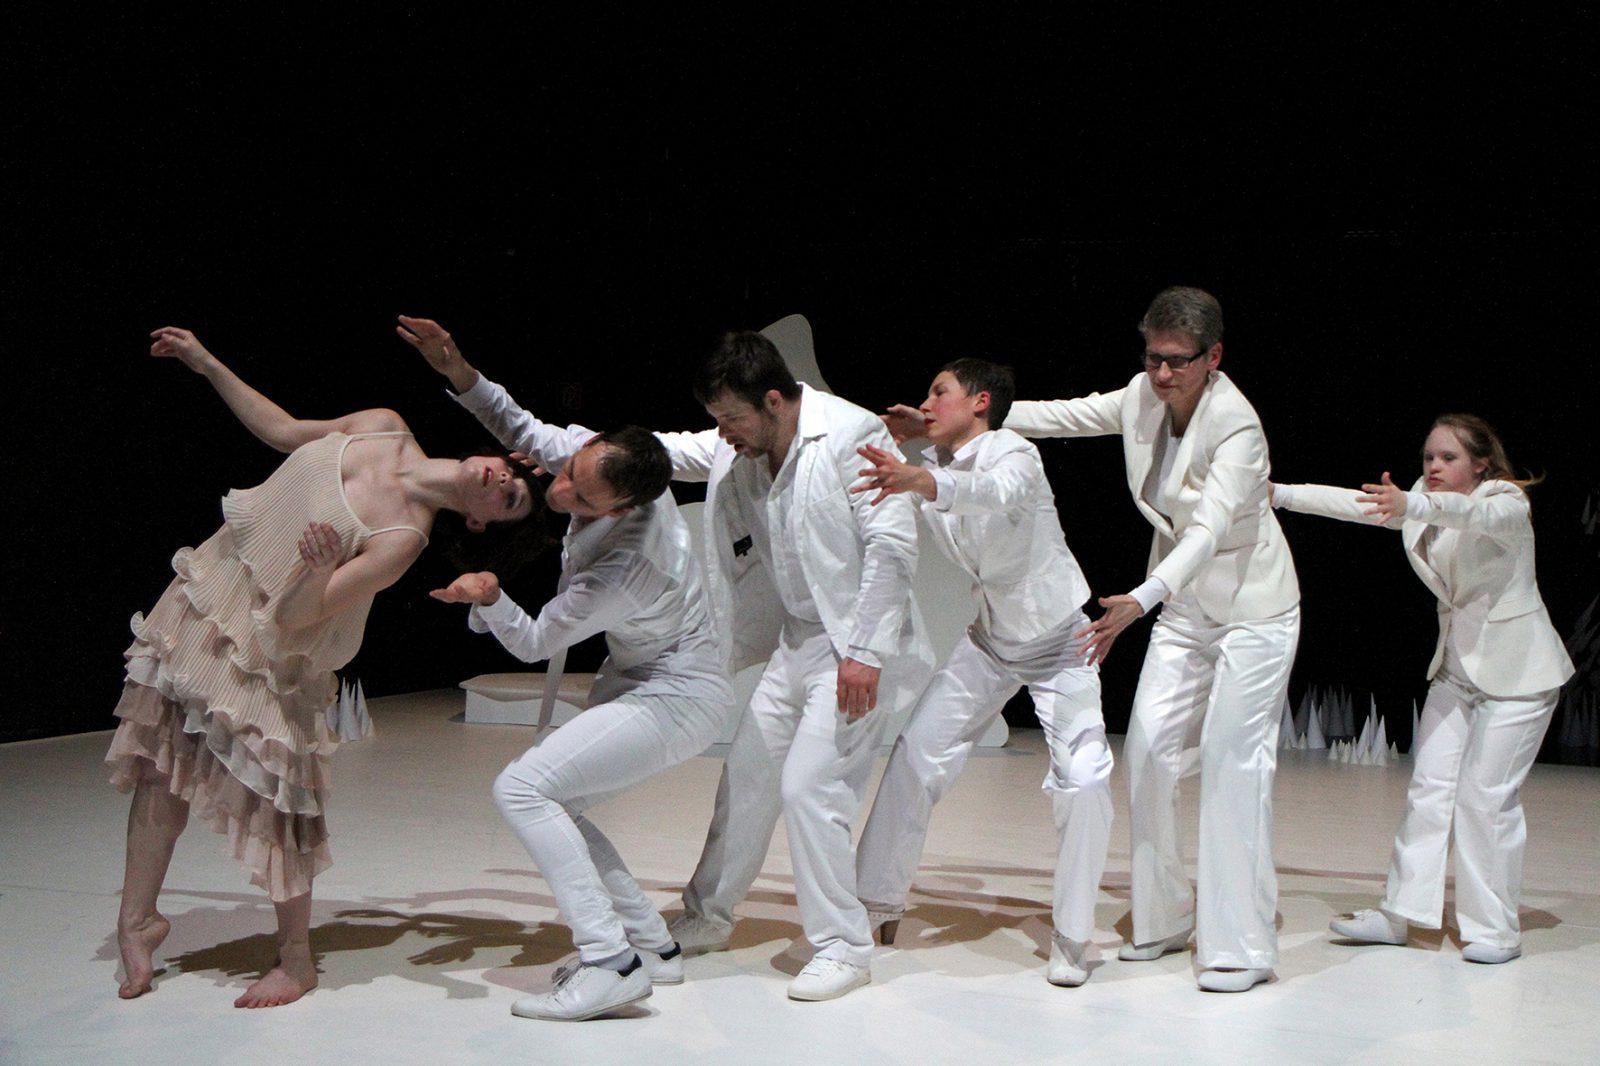 TänzerInnen in weißen Kostümen in einer Reihe strecken die Arme aus zu einer anderen Tänzerin